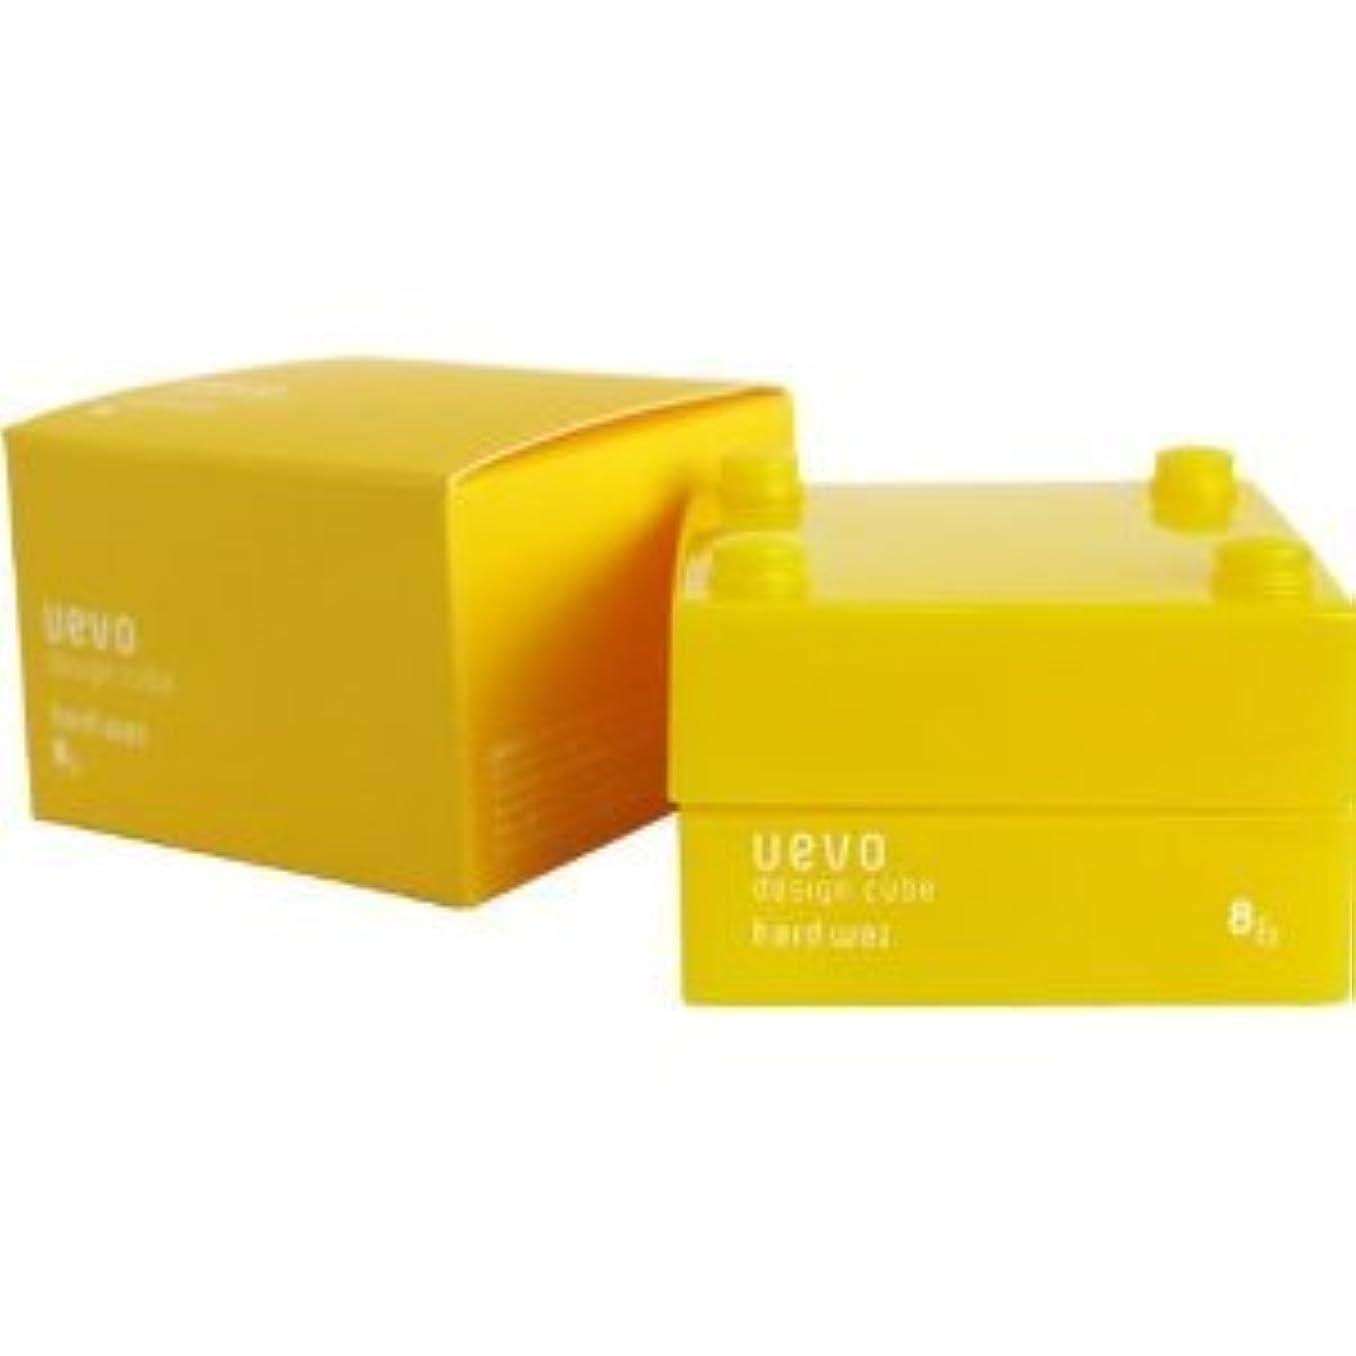 ぐったり行方不明四面体【X2個セット】 デミ ウェーボ デザインキューブ ハードワックス 30g hard wax DEMI uevo design cube